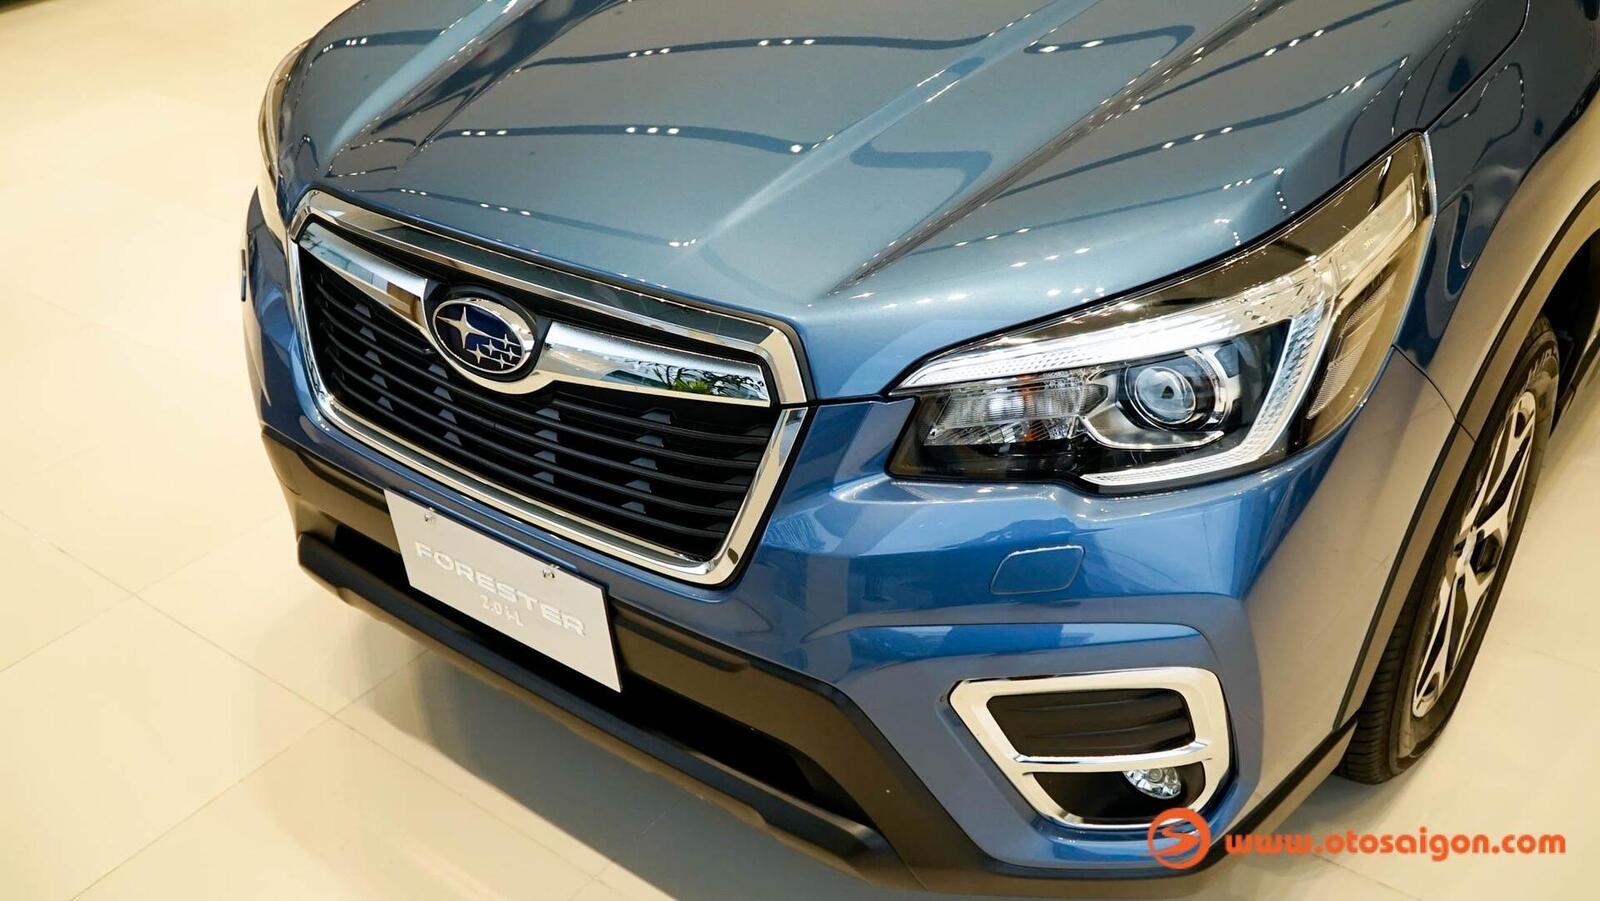 Đánh giá nhanh Subaru Forester thế hệ mới và sự khác biệt giữa hai phiên bản - Hình 9